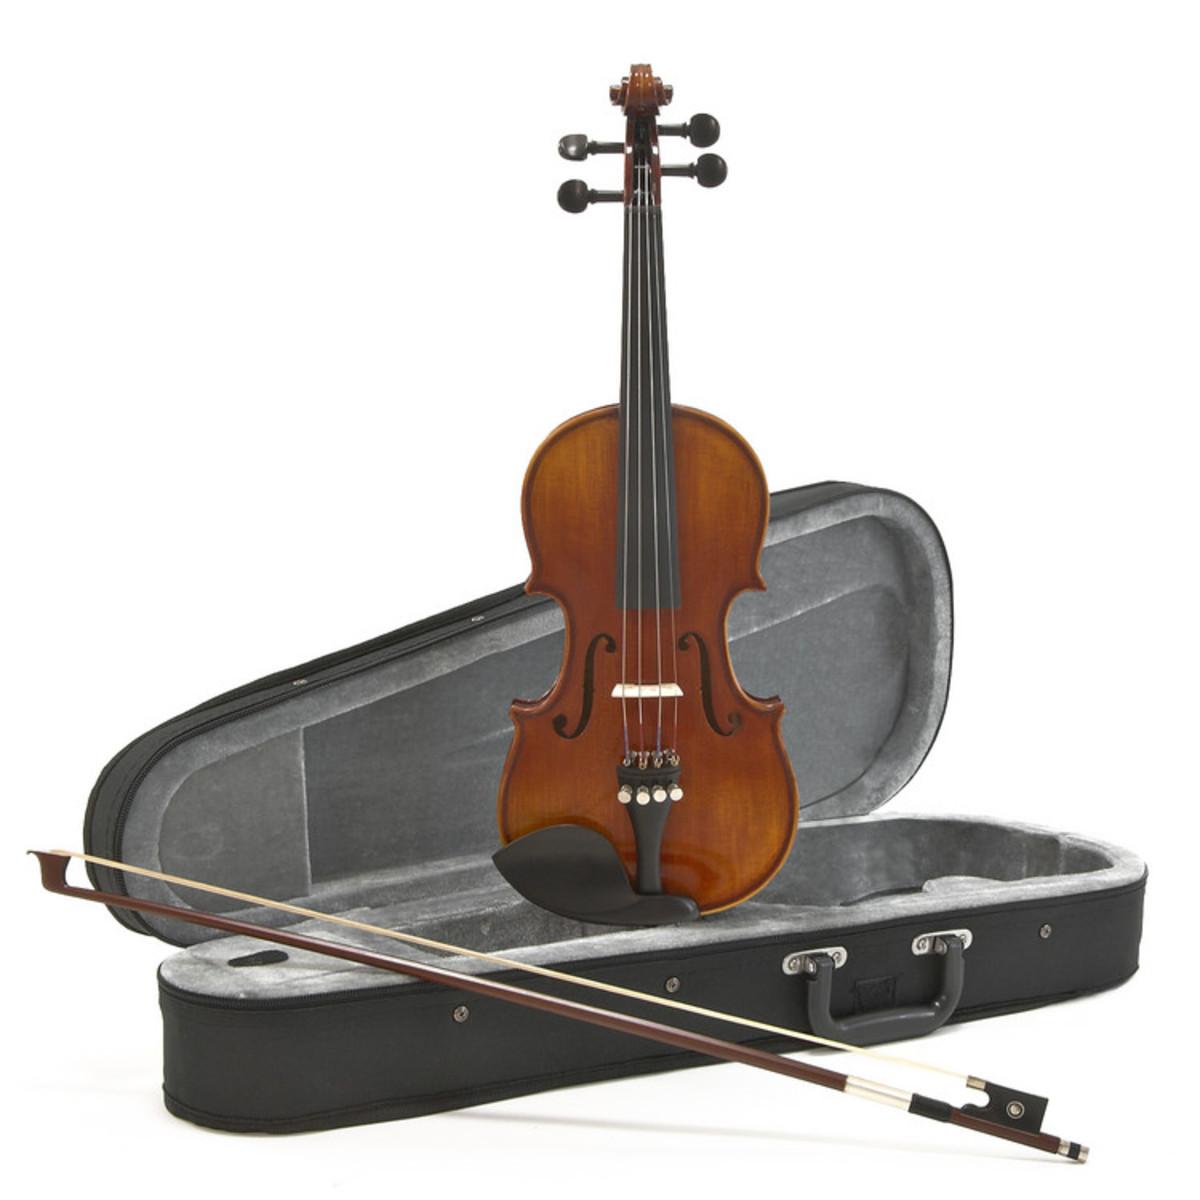 violon deluxe 1 4 aspect antique par gear4music. Black Bedroom Furniture Sets. Home Design Ideas